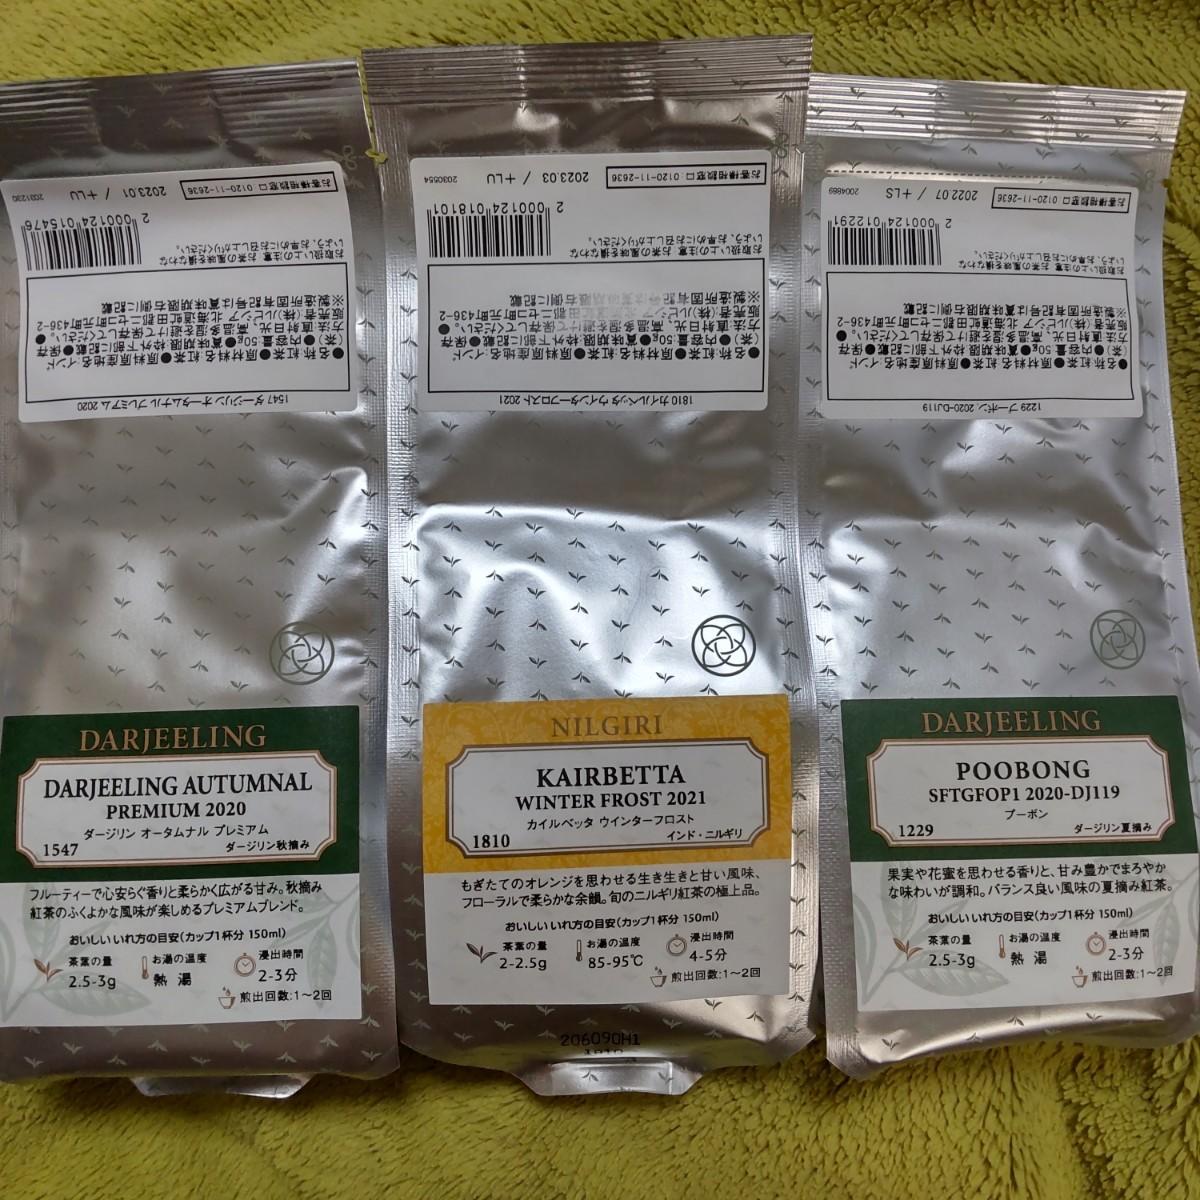 【ルピシア LUPICIA】最高級 ダージリン&ニルギリ 茶葉 3点セット